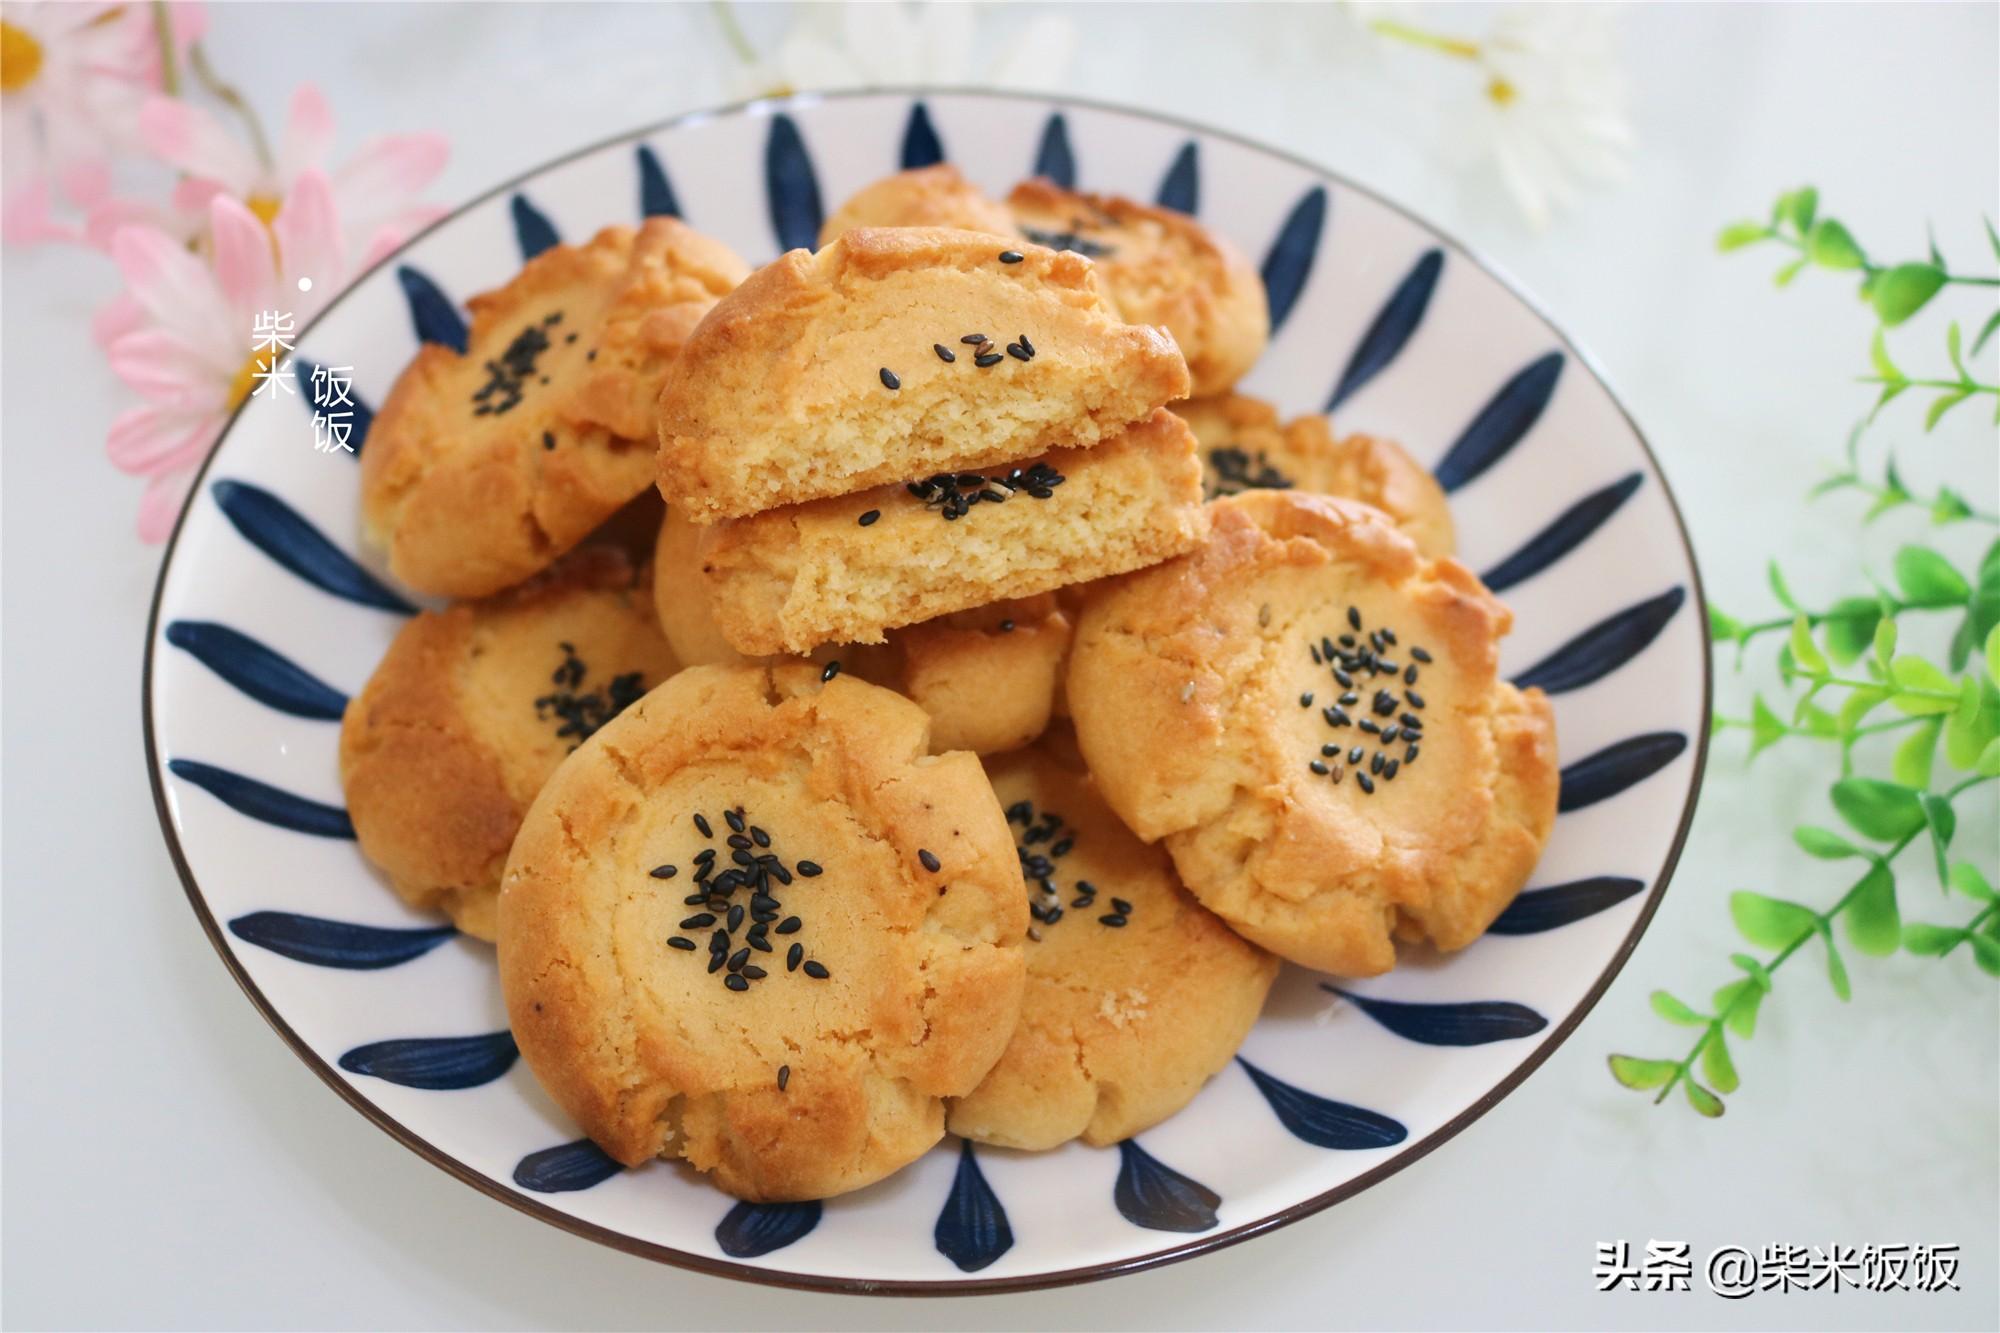 想吃桃酥不用買,普通麵粉就能做,做法簡單,香酥好吃